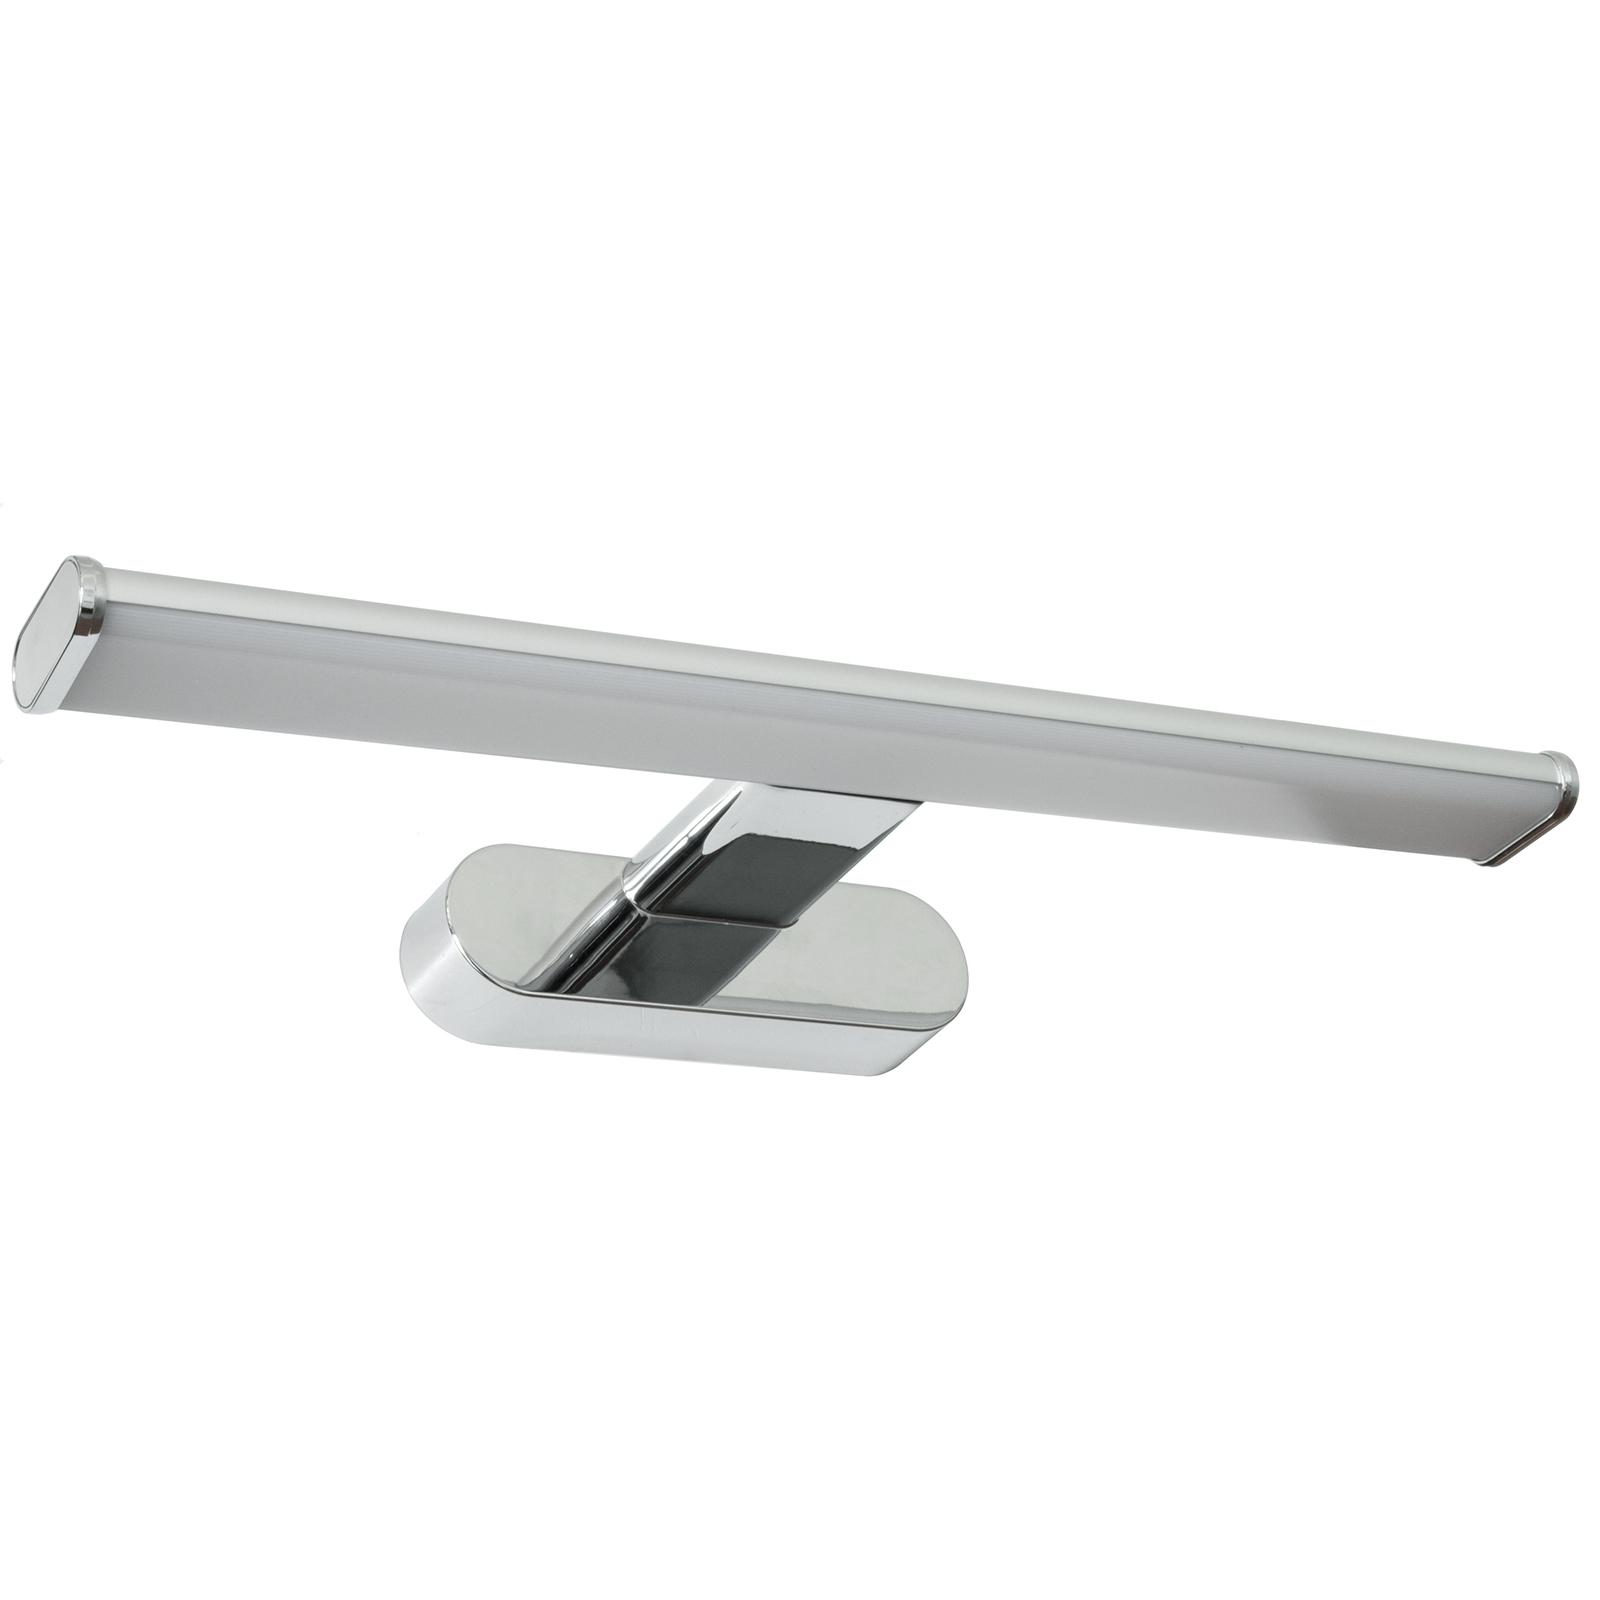 Applique Specchio Bagno Moderno dettagli su luce specchio bagno led 8w applique cromato lampada parete  moderna 4000k ip44